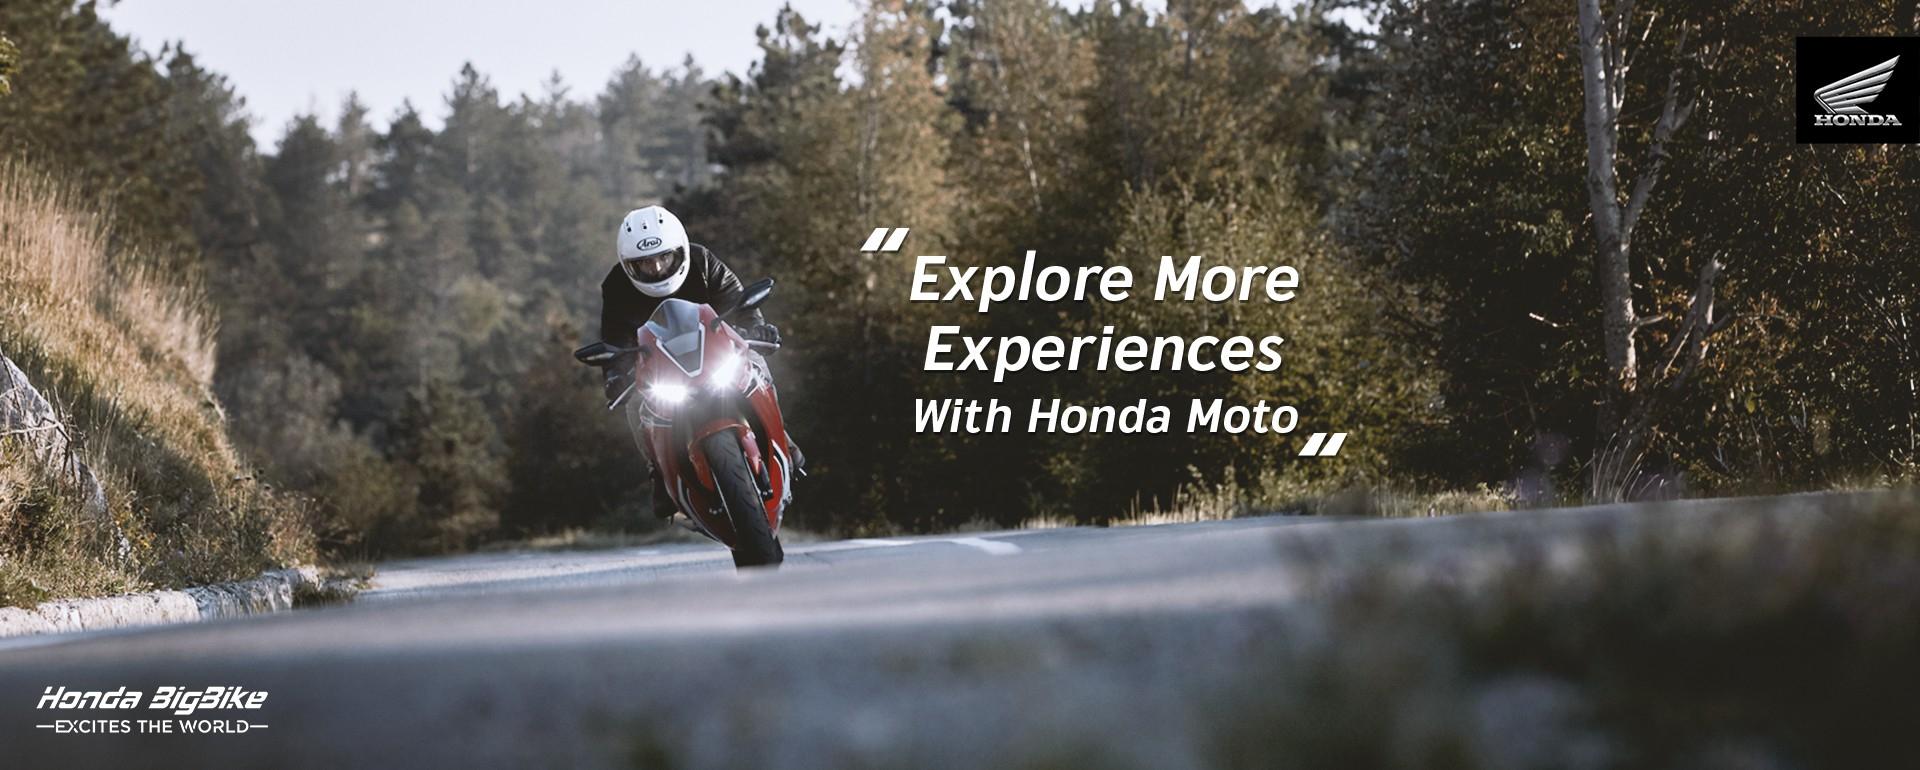 Honda Moto Global